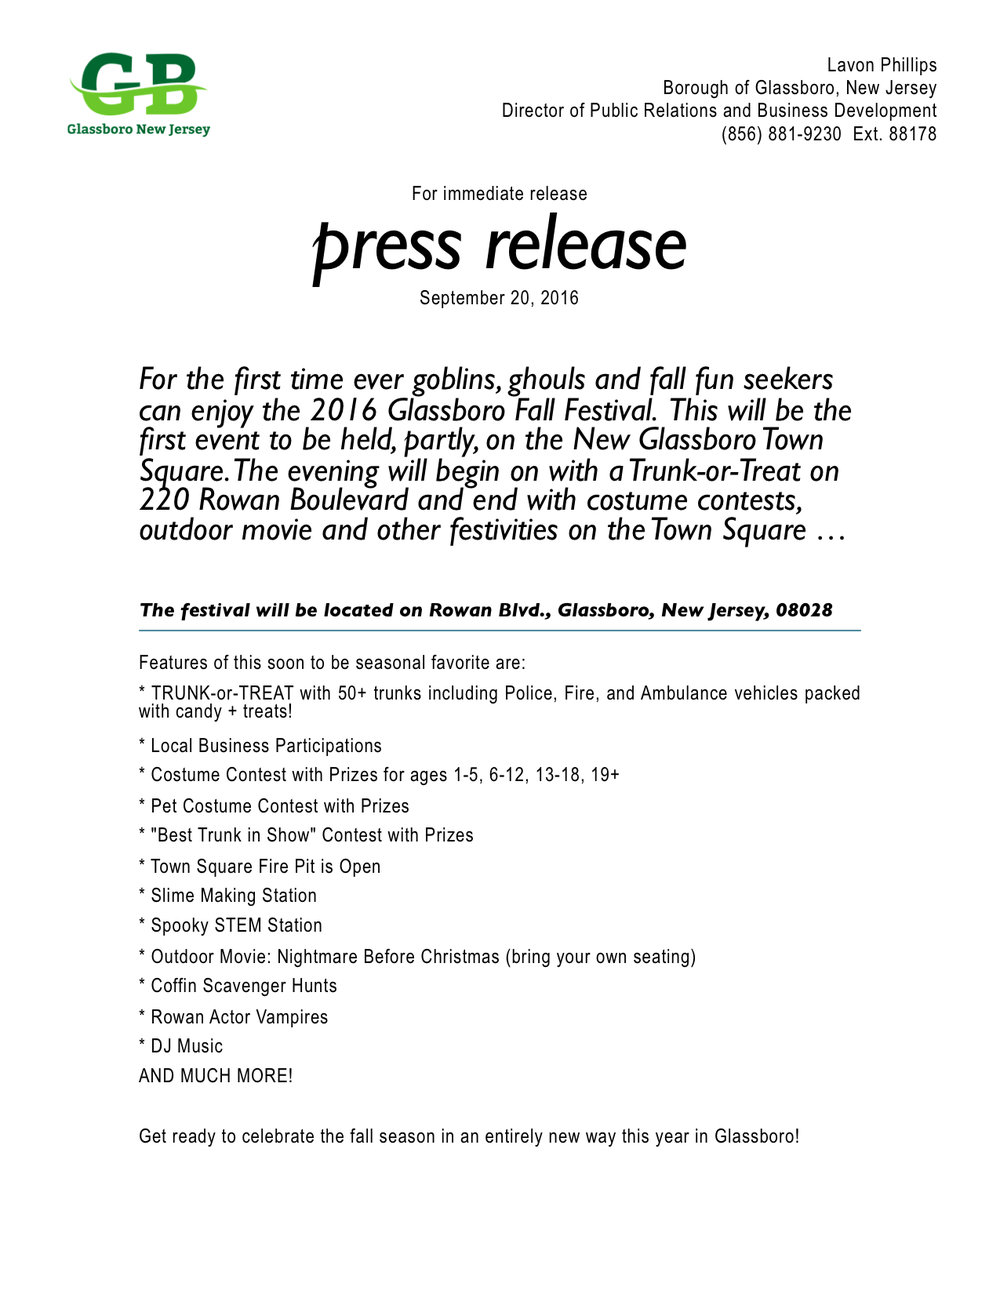 glassboro press release fall festival